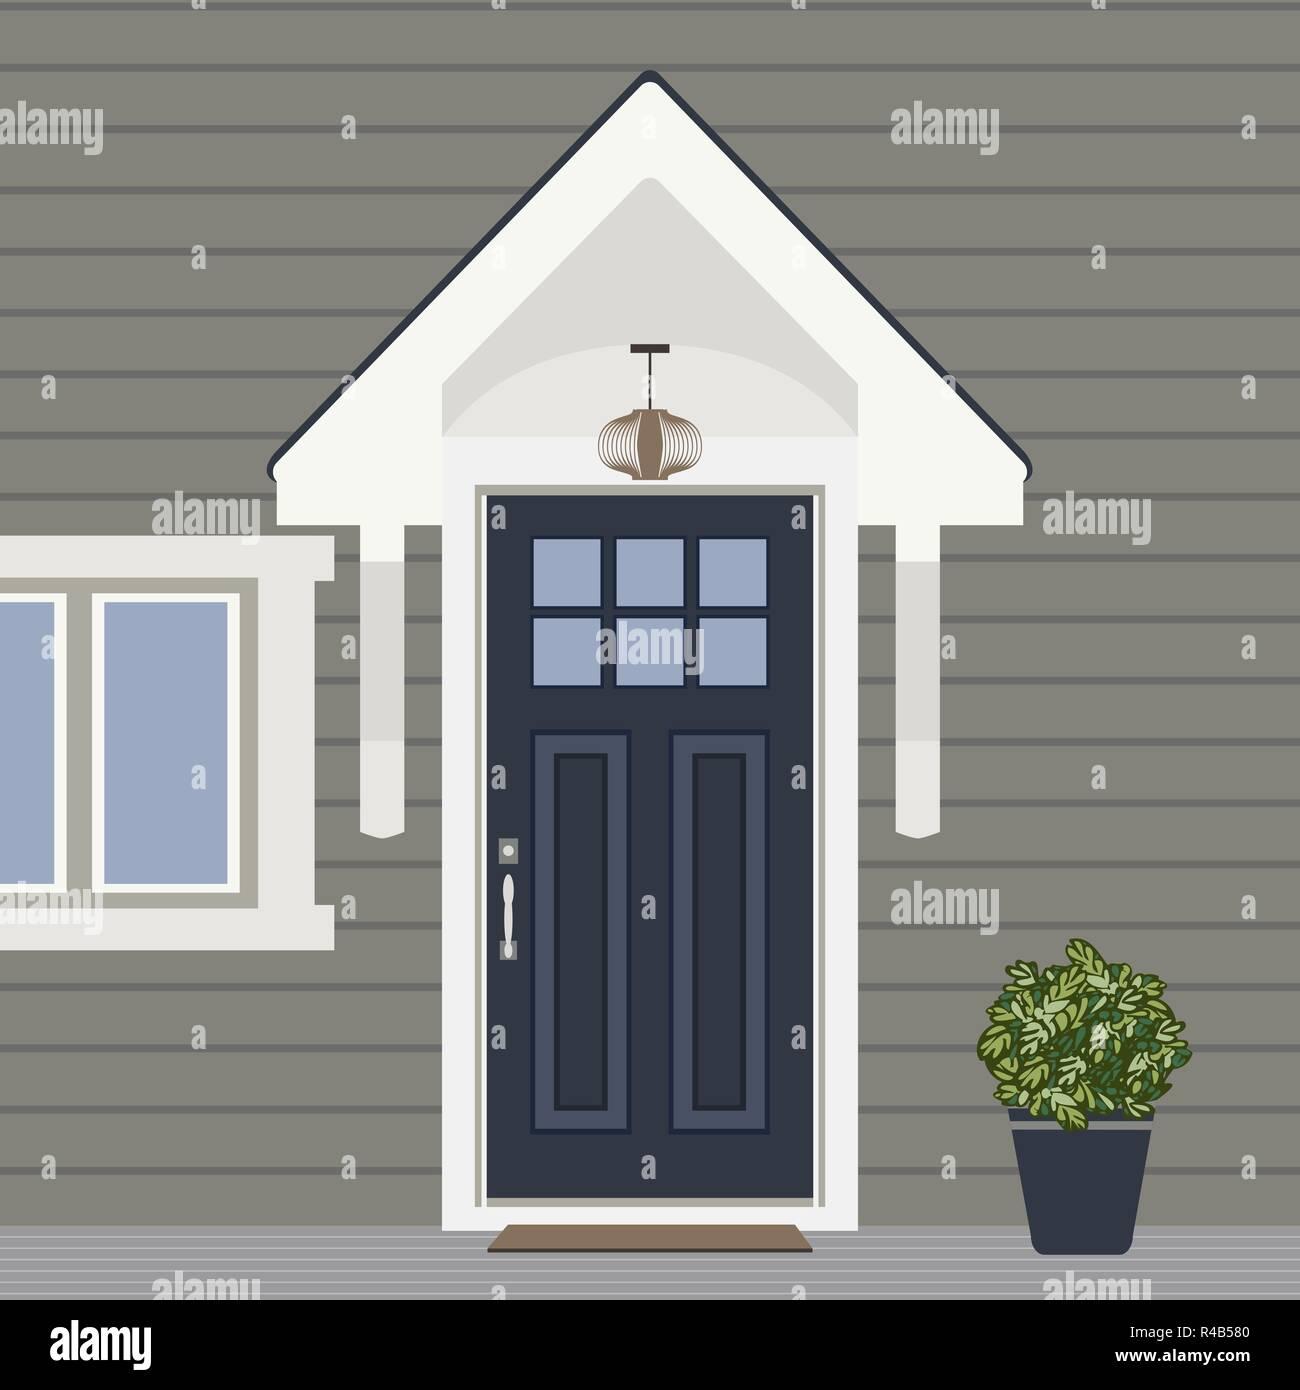 Haus Tur Vorne Mit Fenster Und Pflanzen Flat Gebaude Eintrag